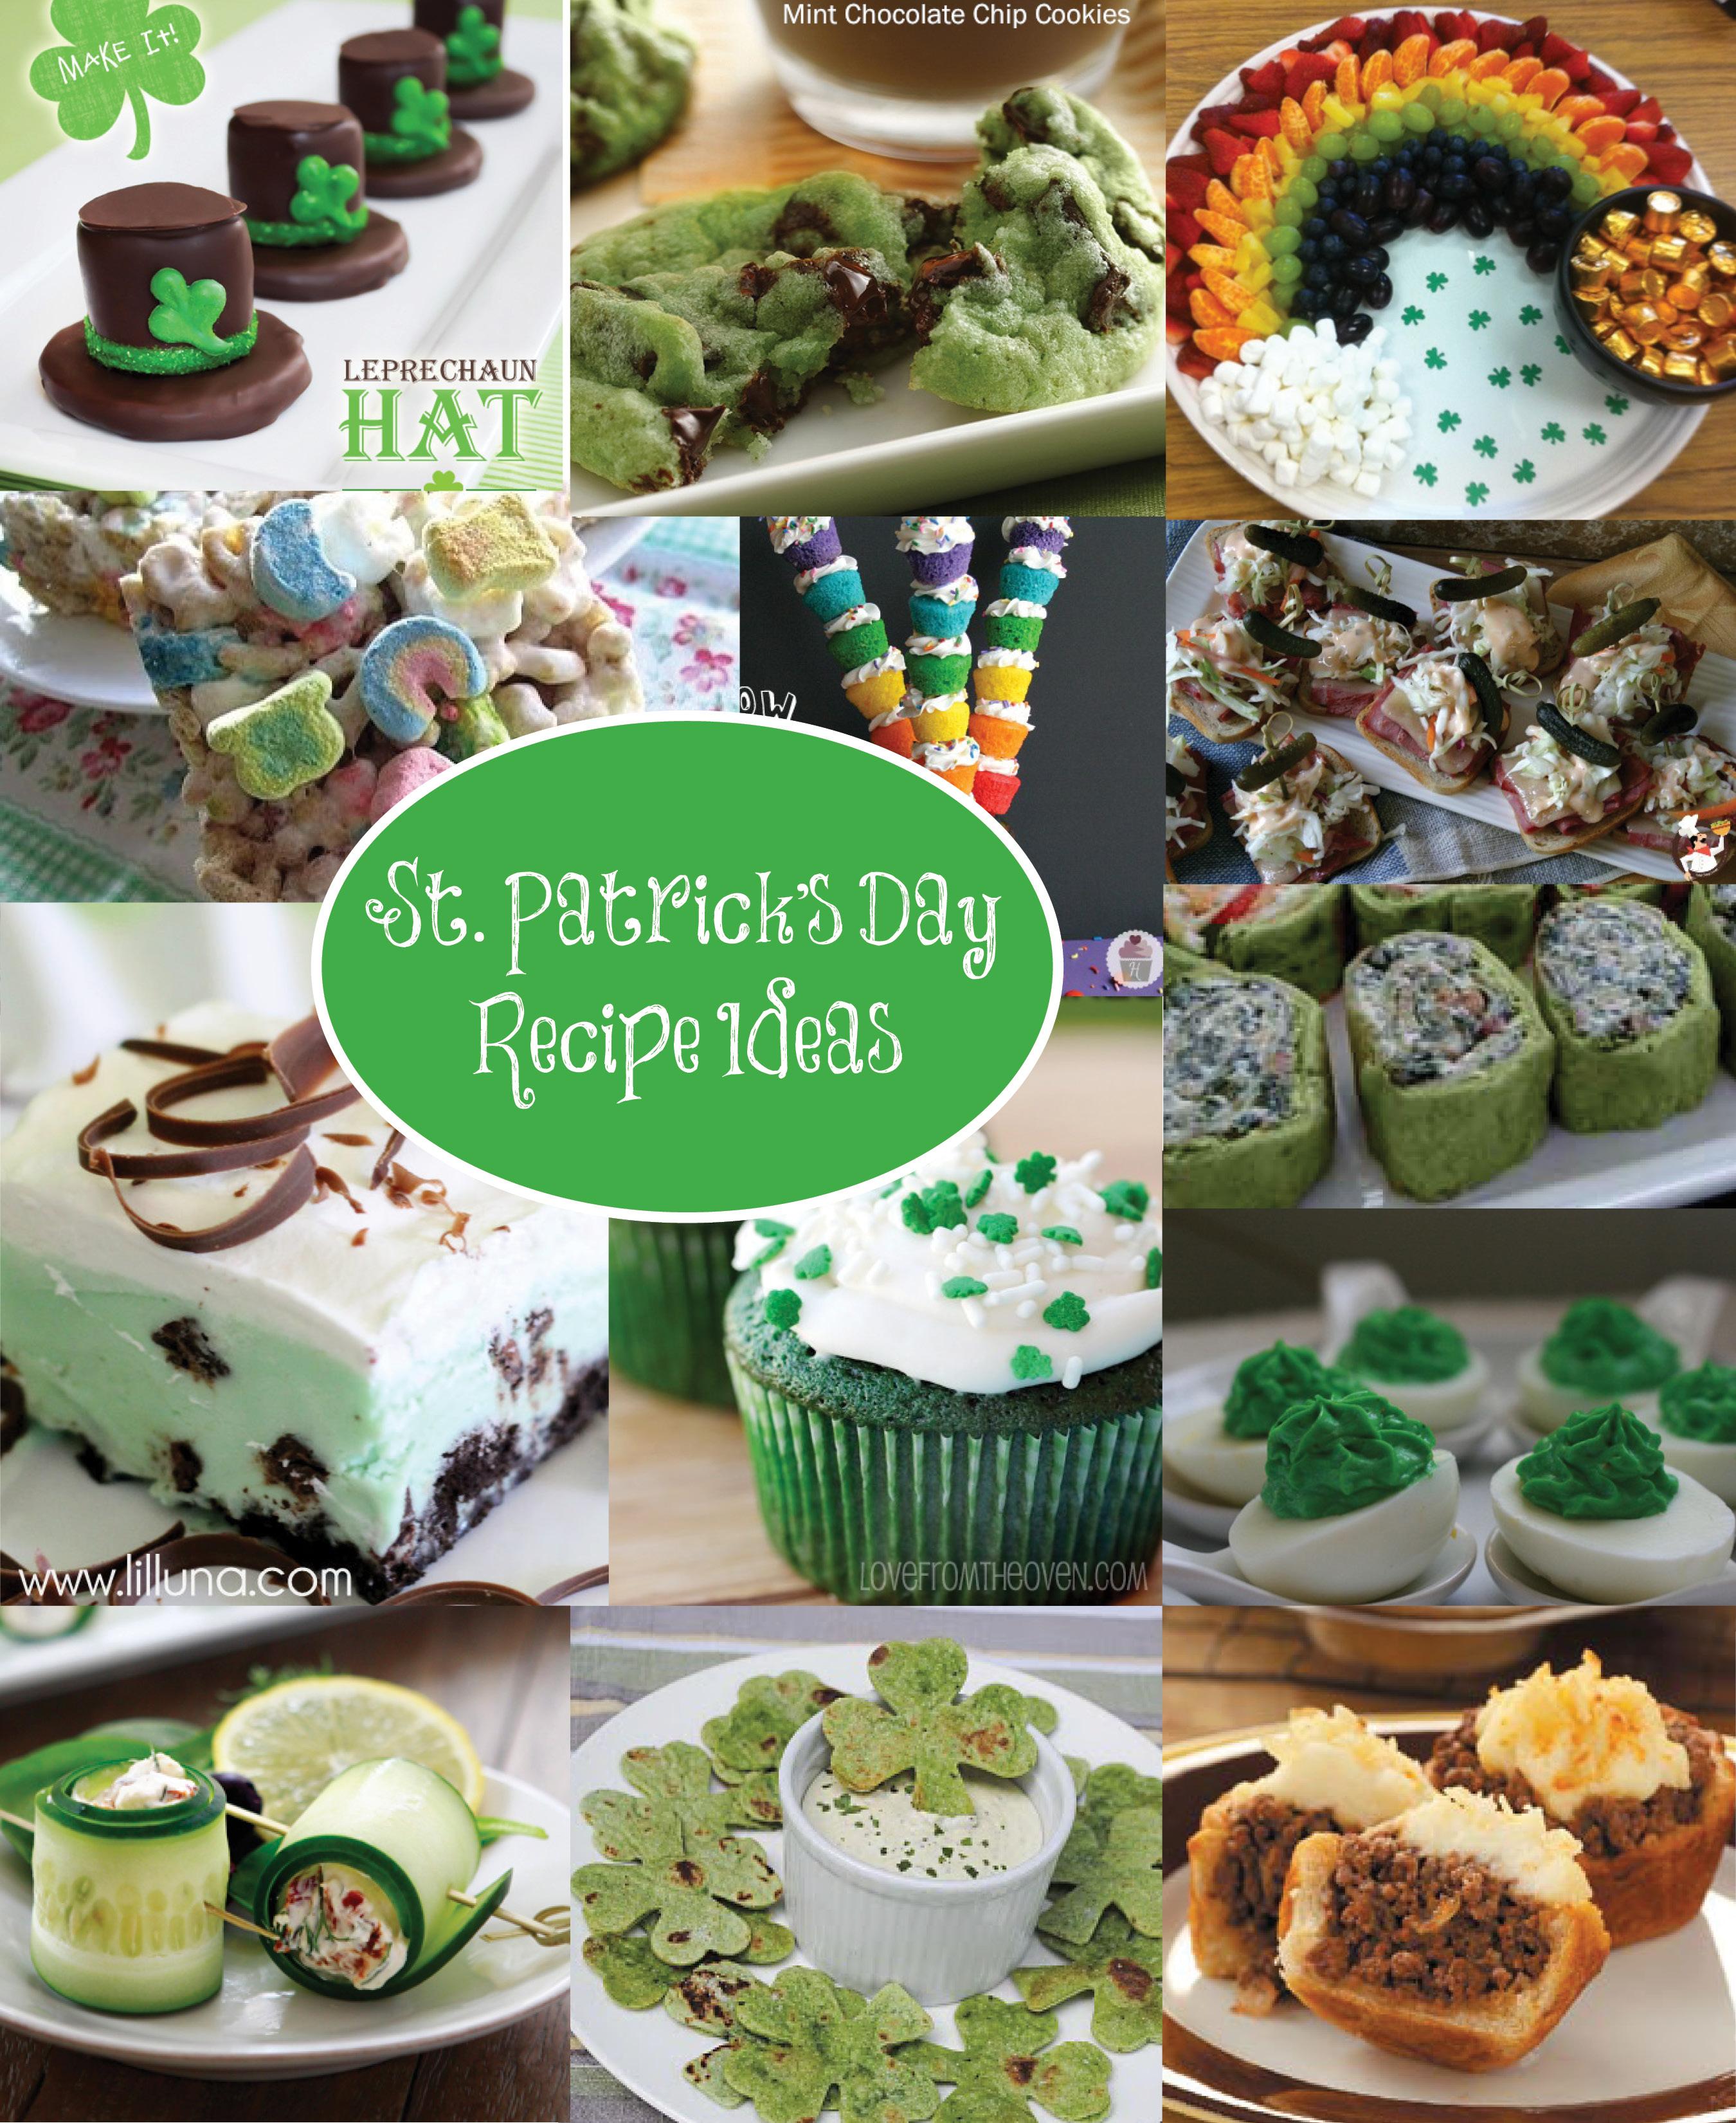 Aliexpress.com : Buy 10pcs/lot fashion Kraft paper cake bread pizza box Sandwich salad Food